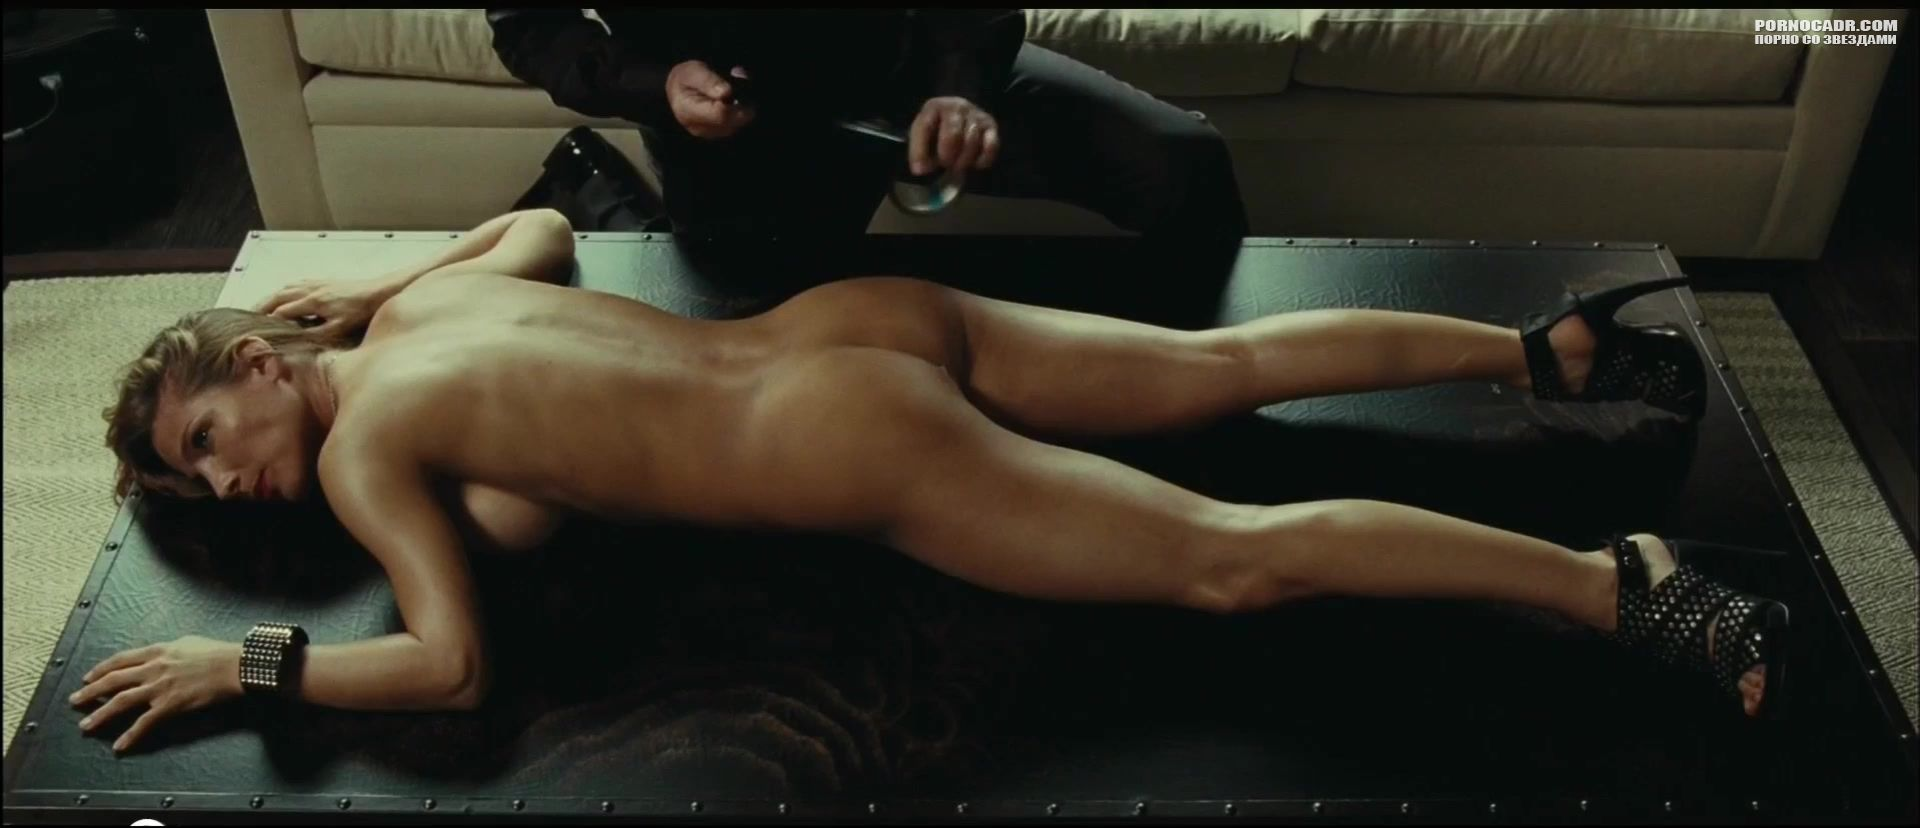 Порно видео с актрисой эльза патаки — 1